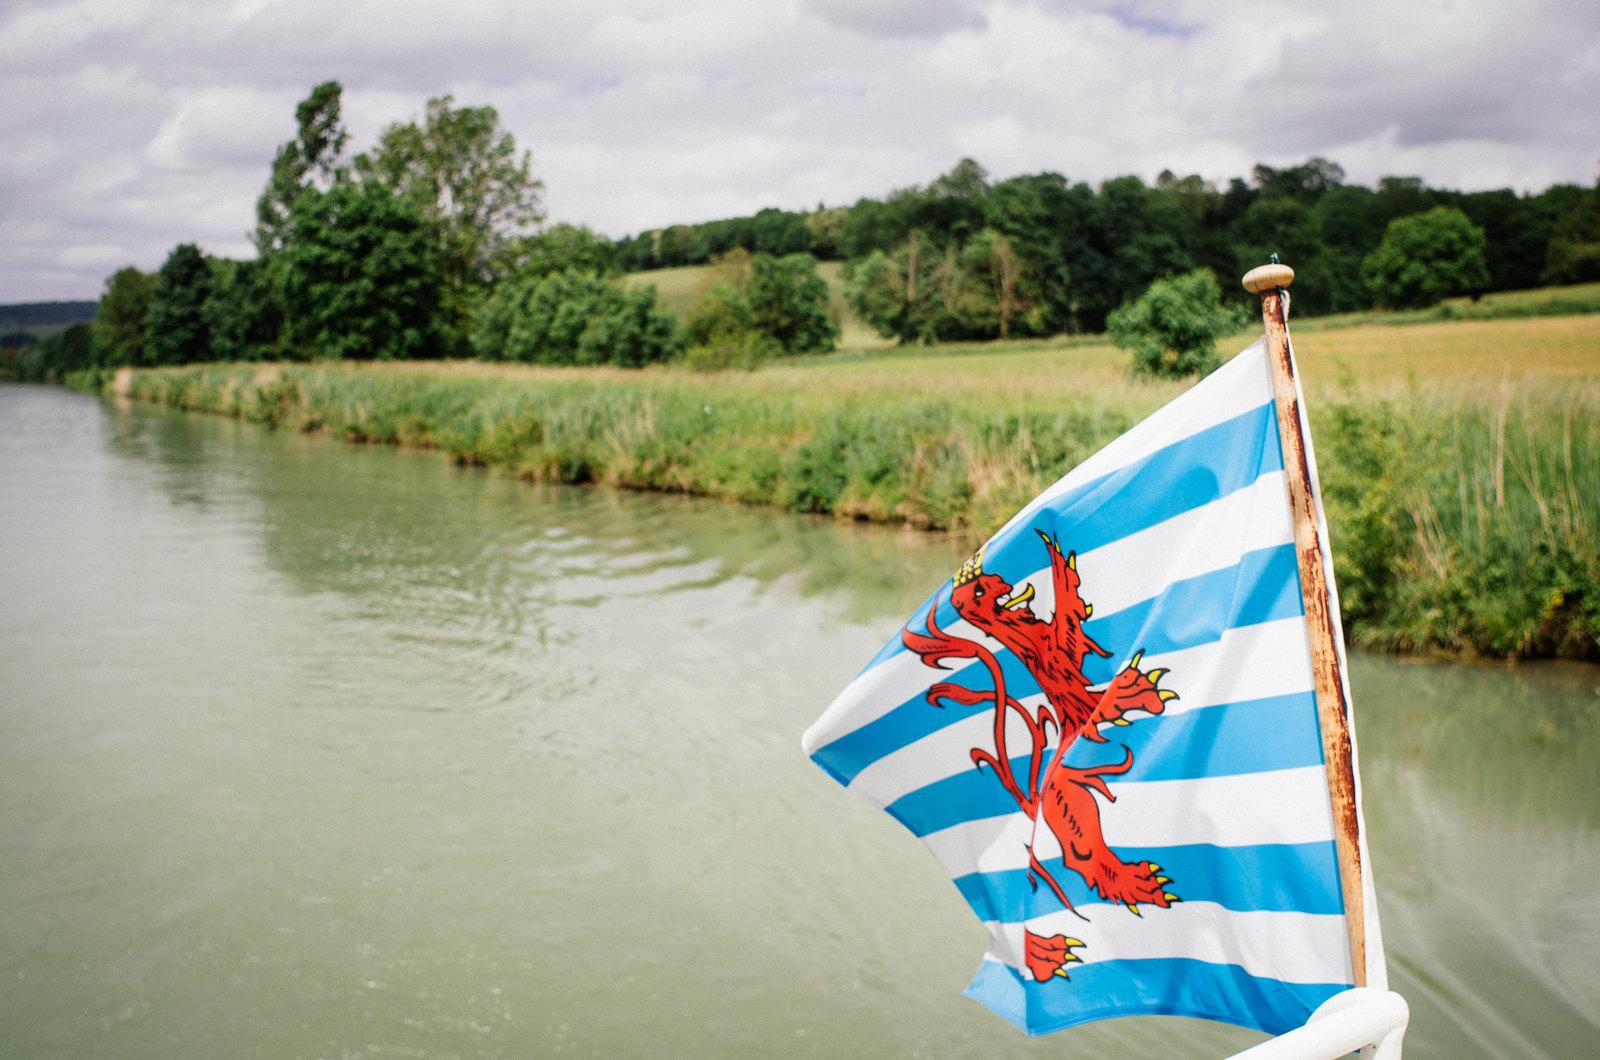 Tourisme vert en Meuse - de la Meuse à l'Argonne - Pavillon luxembourgeois